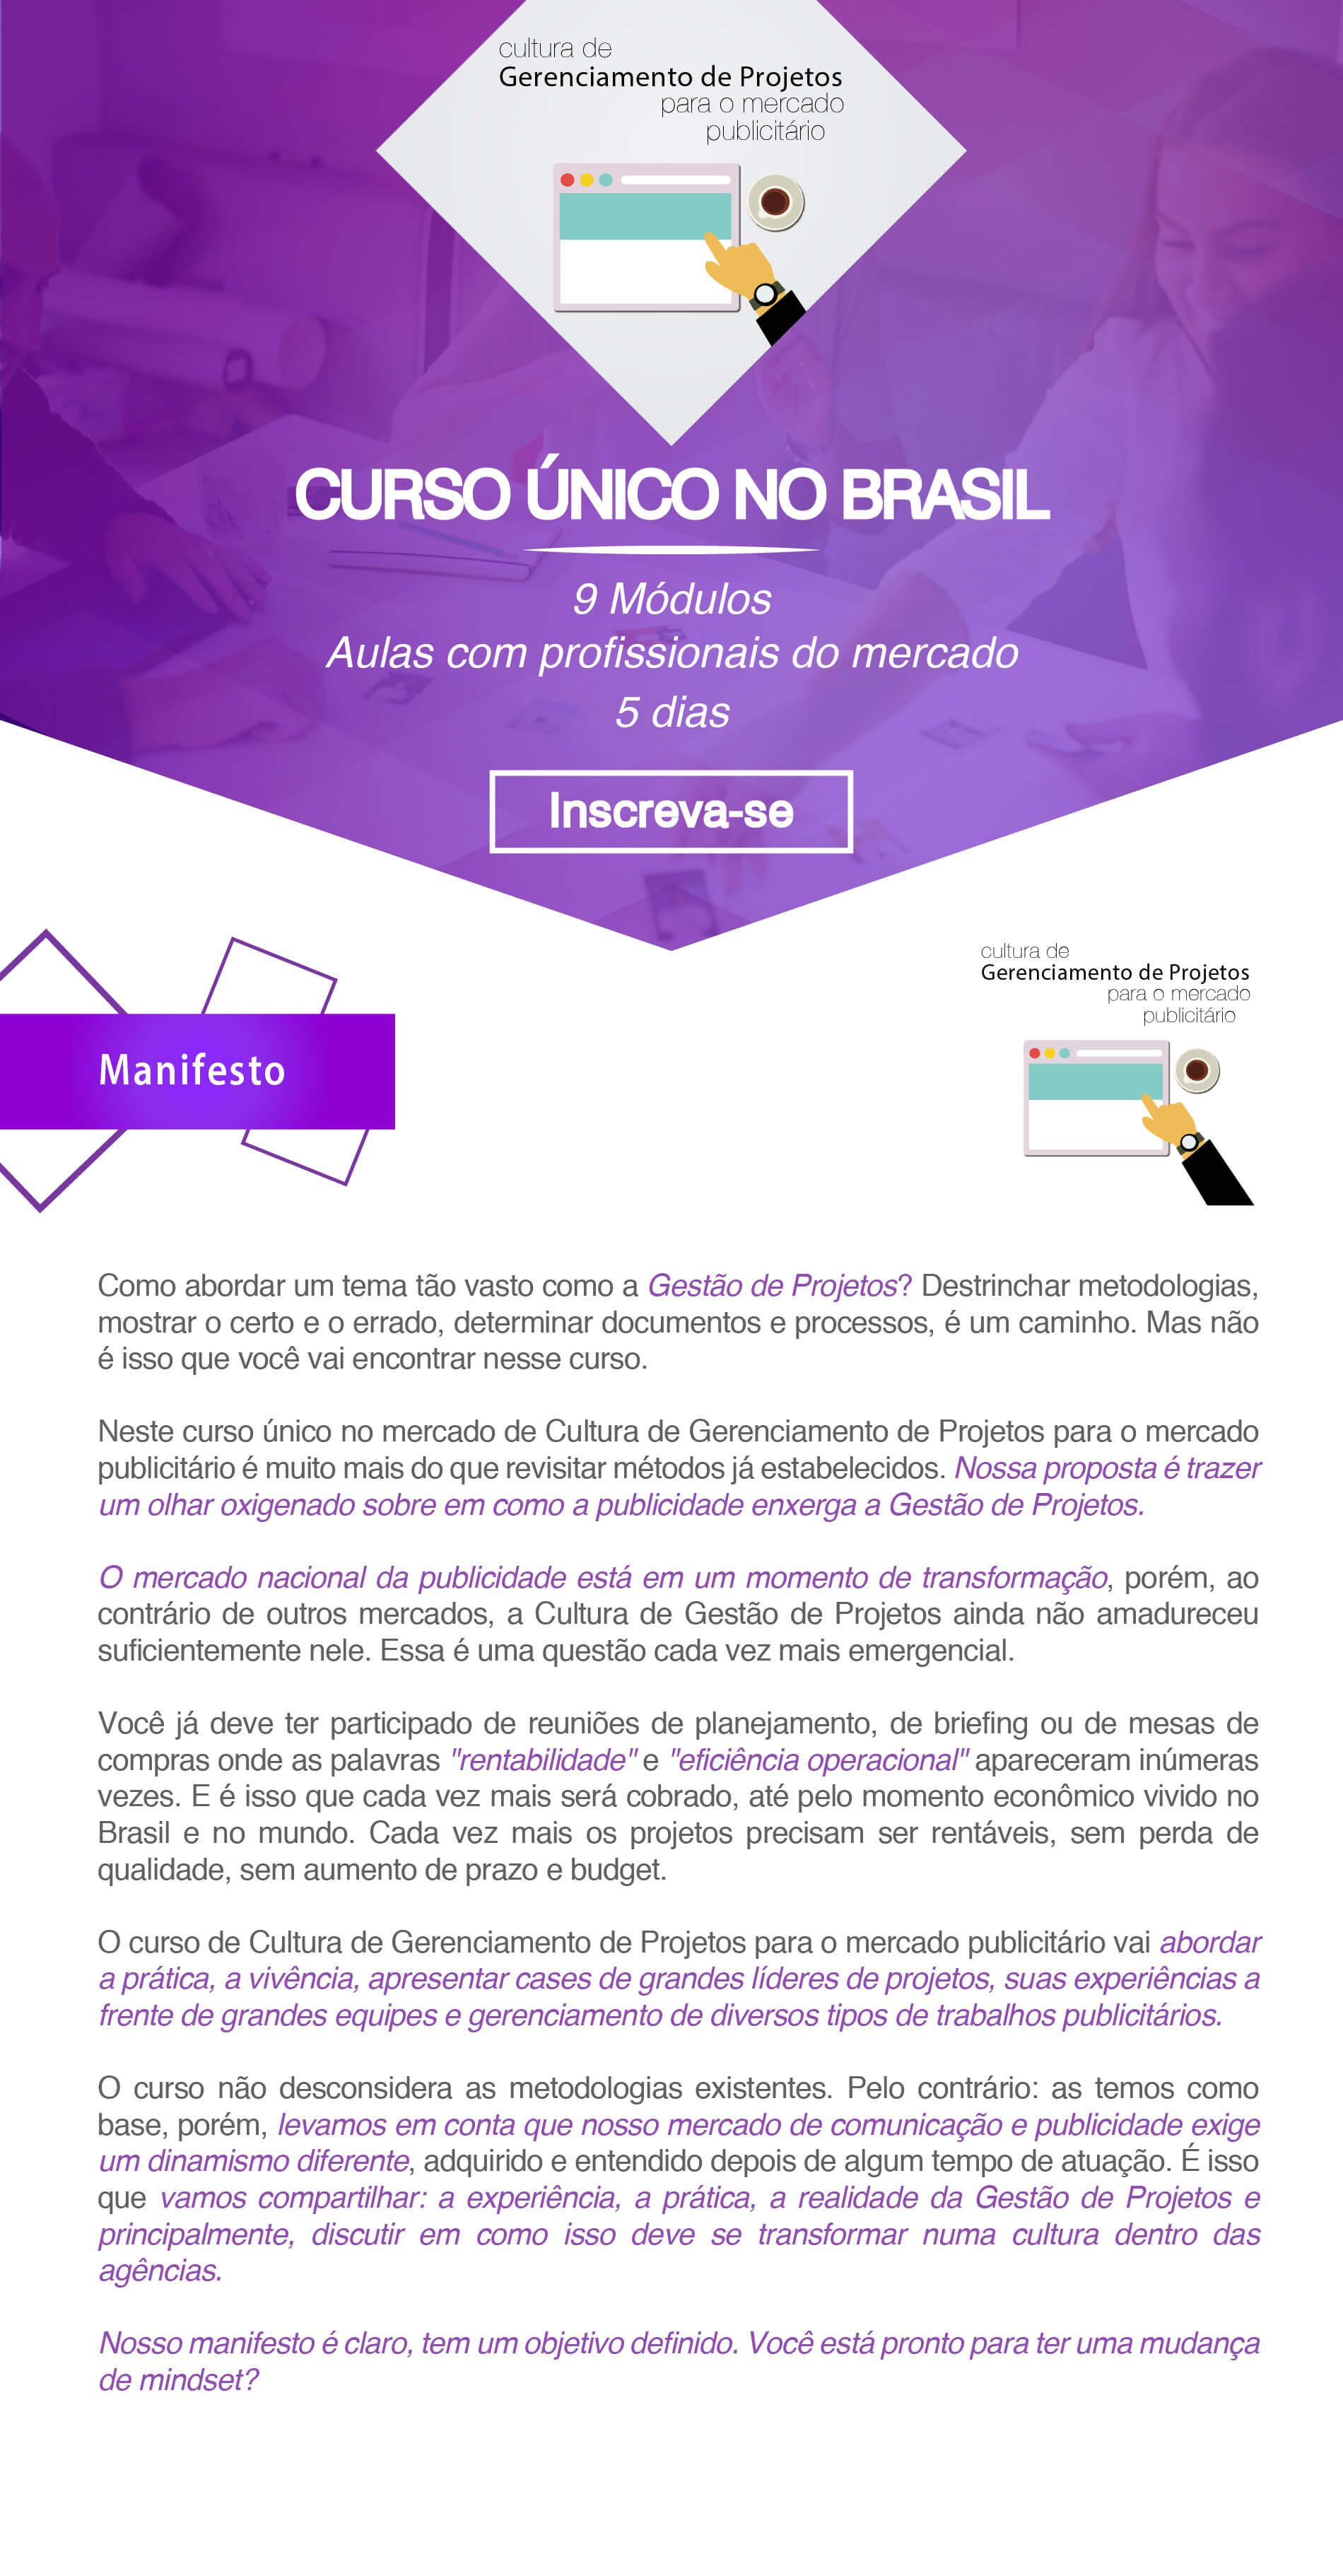 https://www.mestregp.com.br/wp-content/uploads/2016/10/Pagina-Curso-Cultura-pt1-1900x3644.jpg